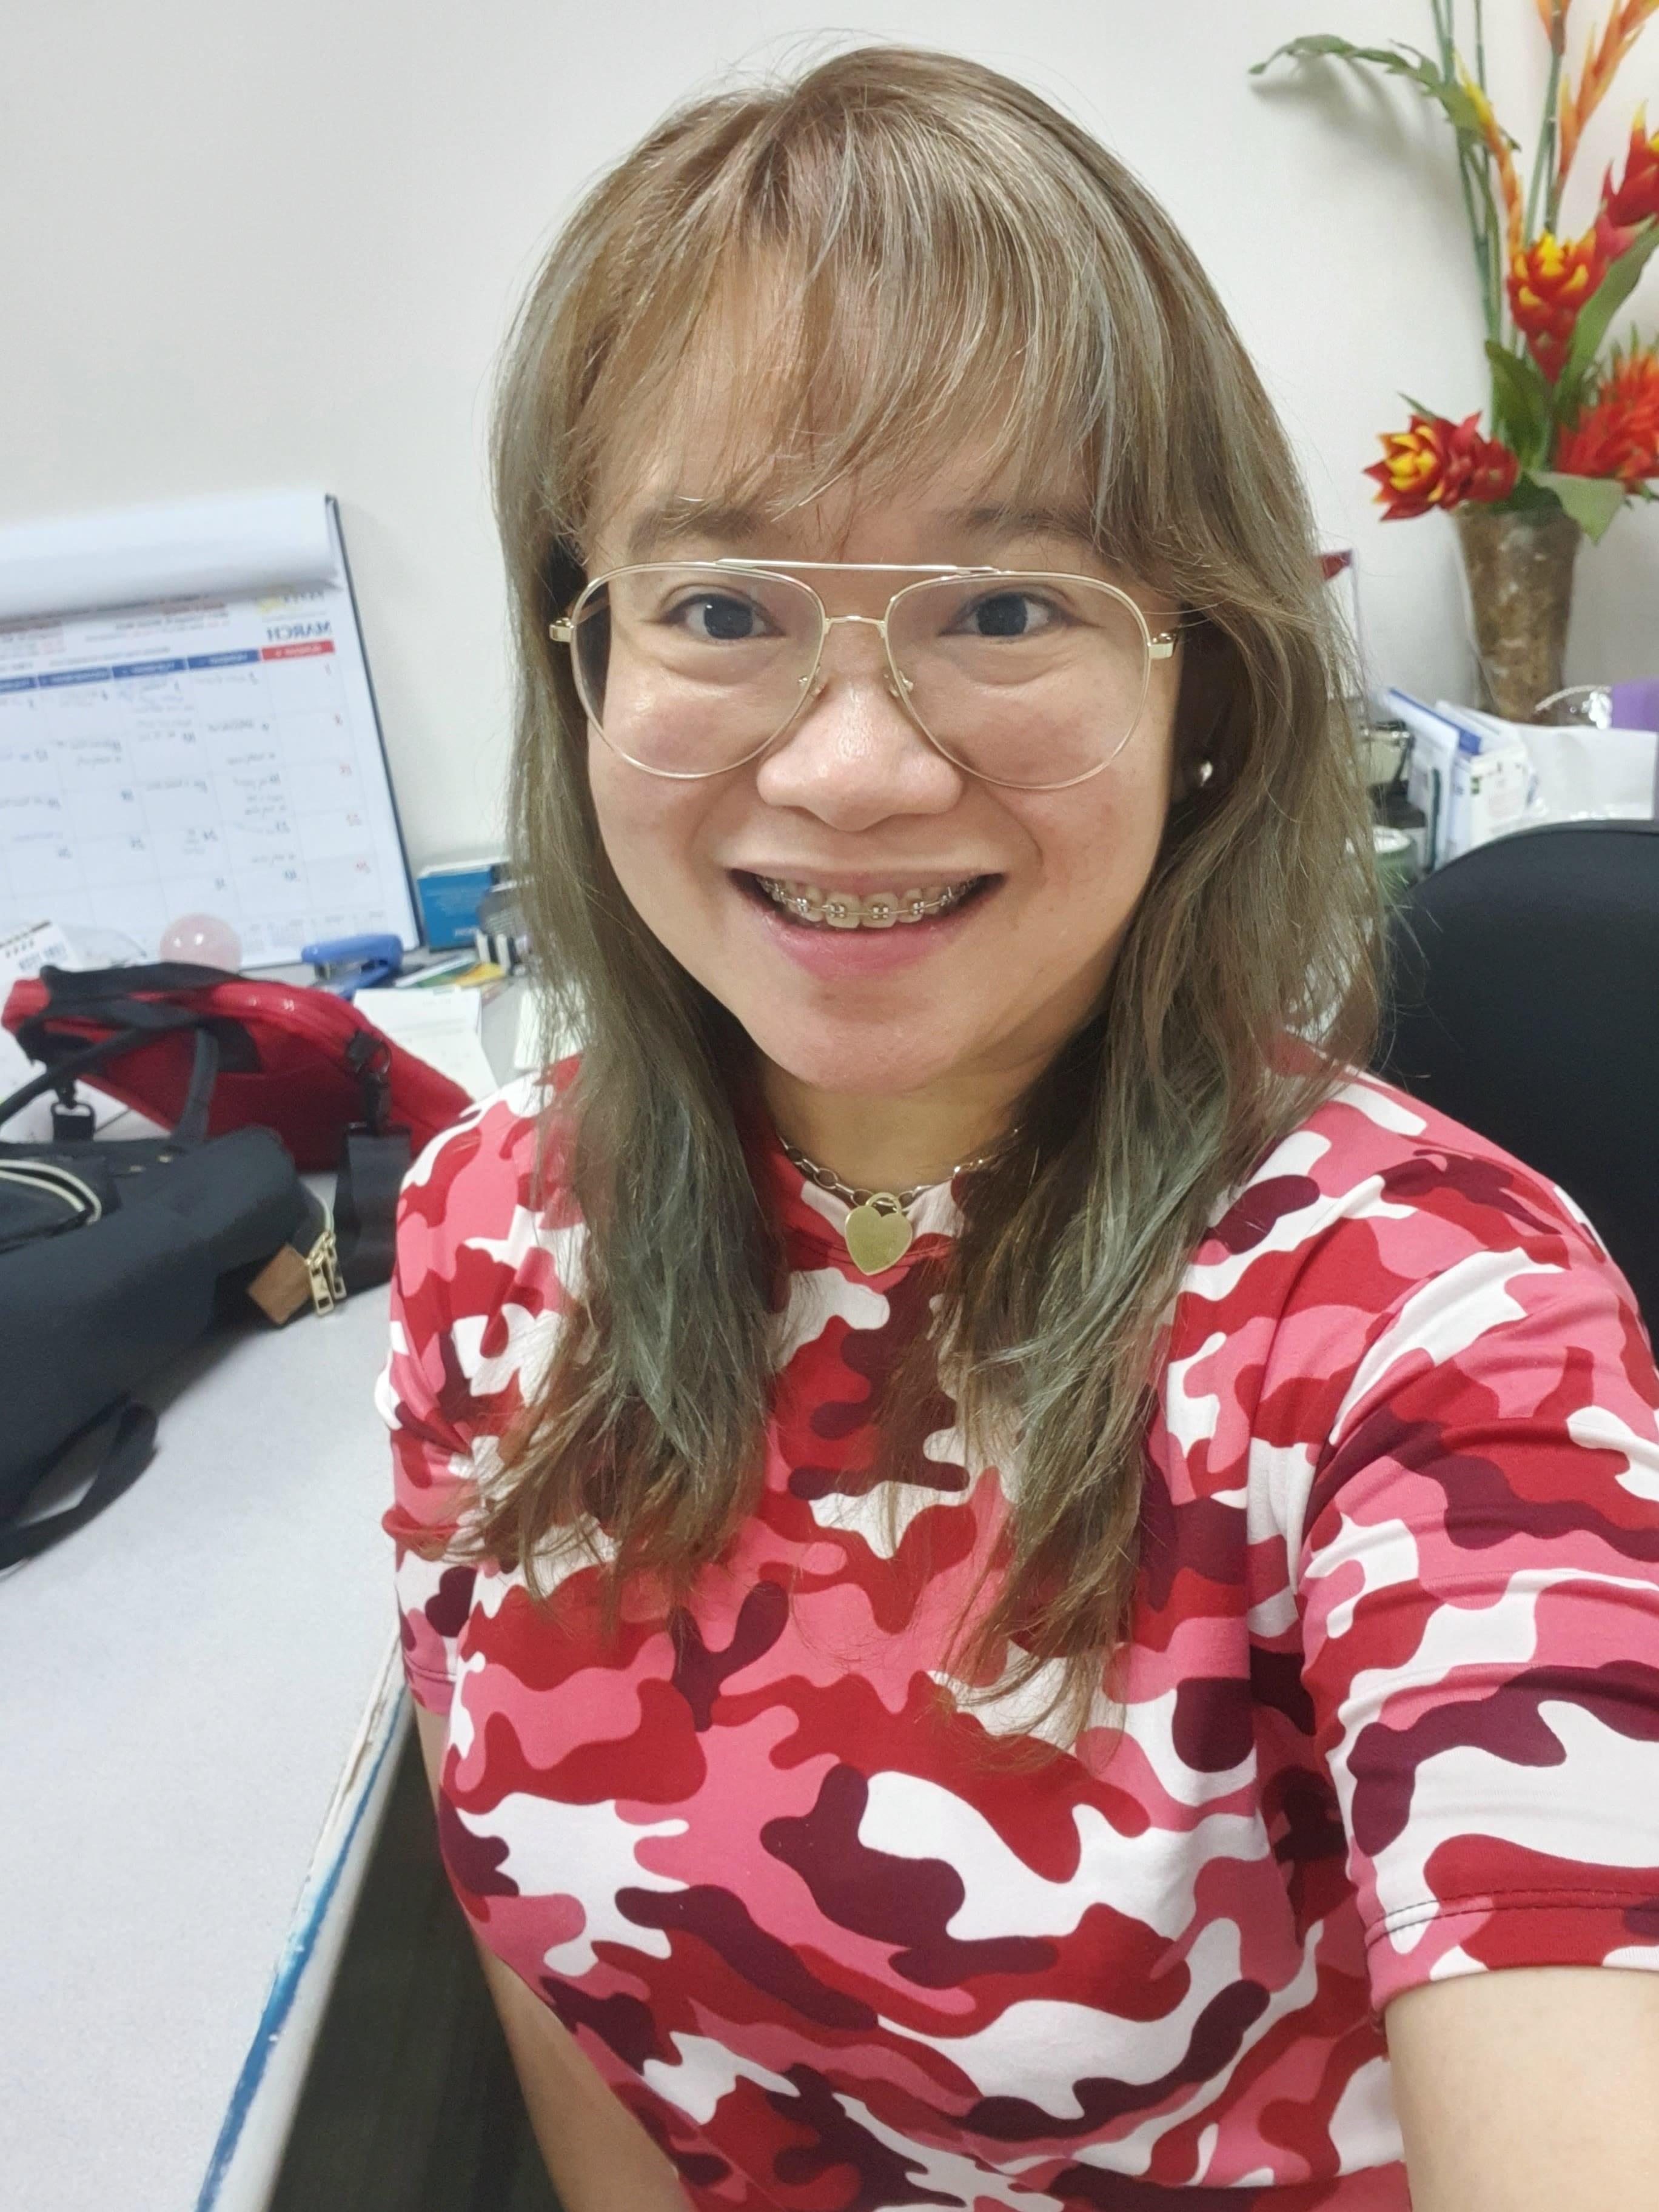 Rechelda Hirang